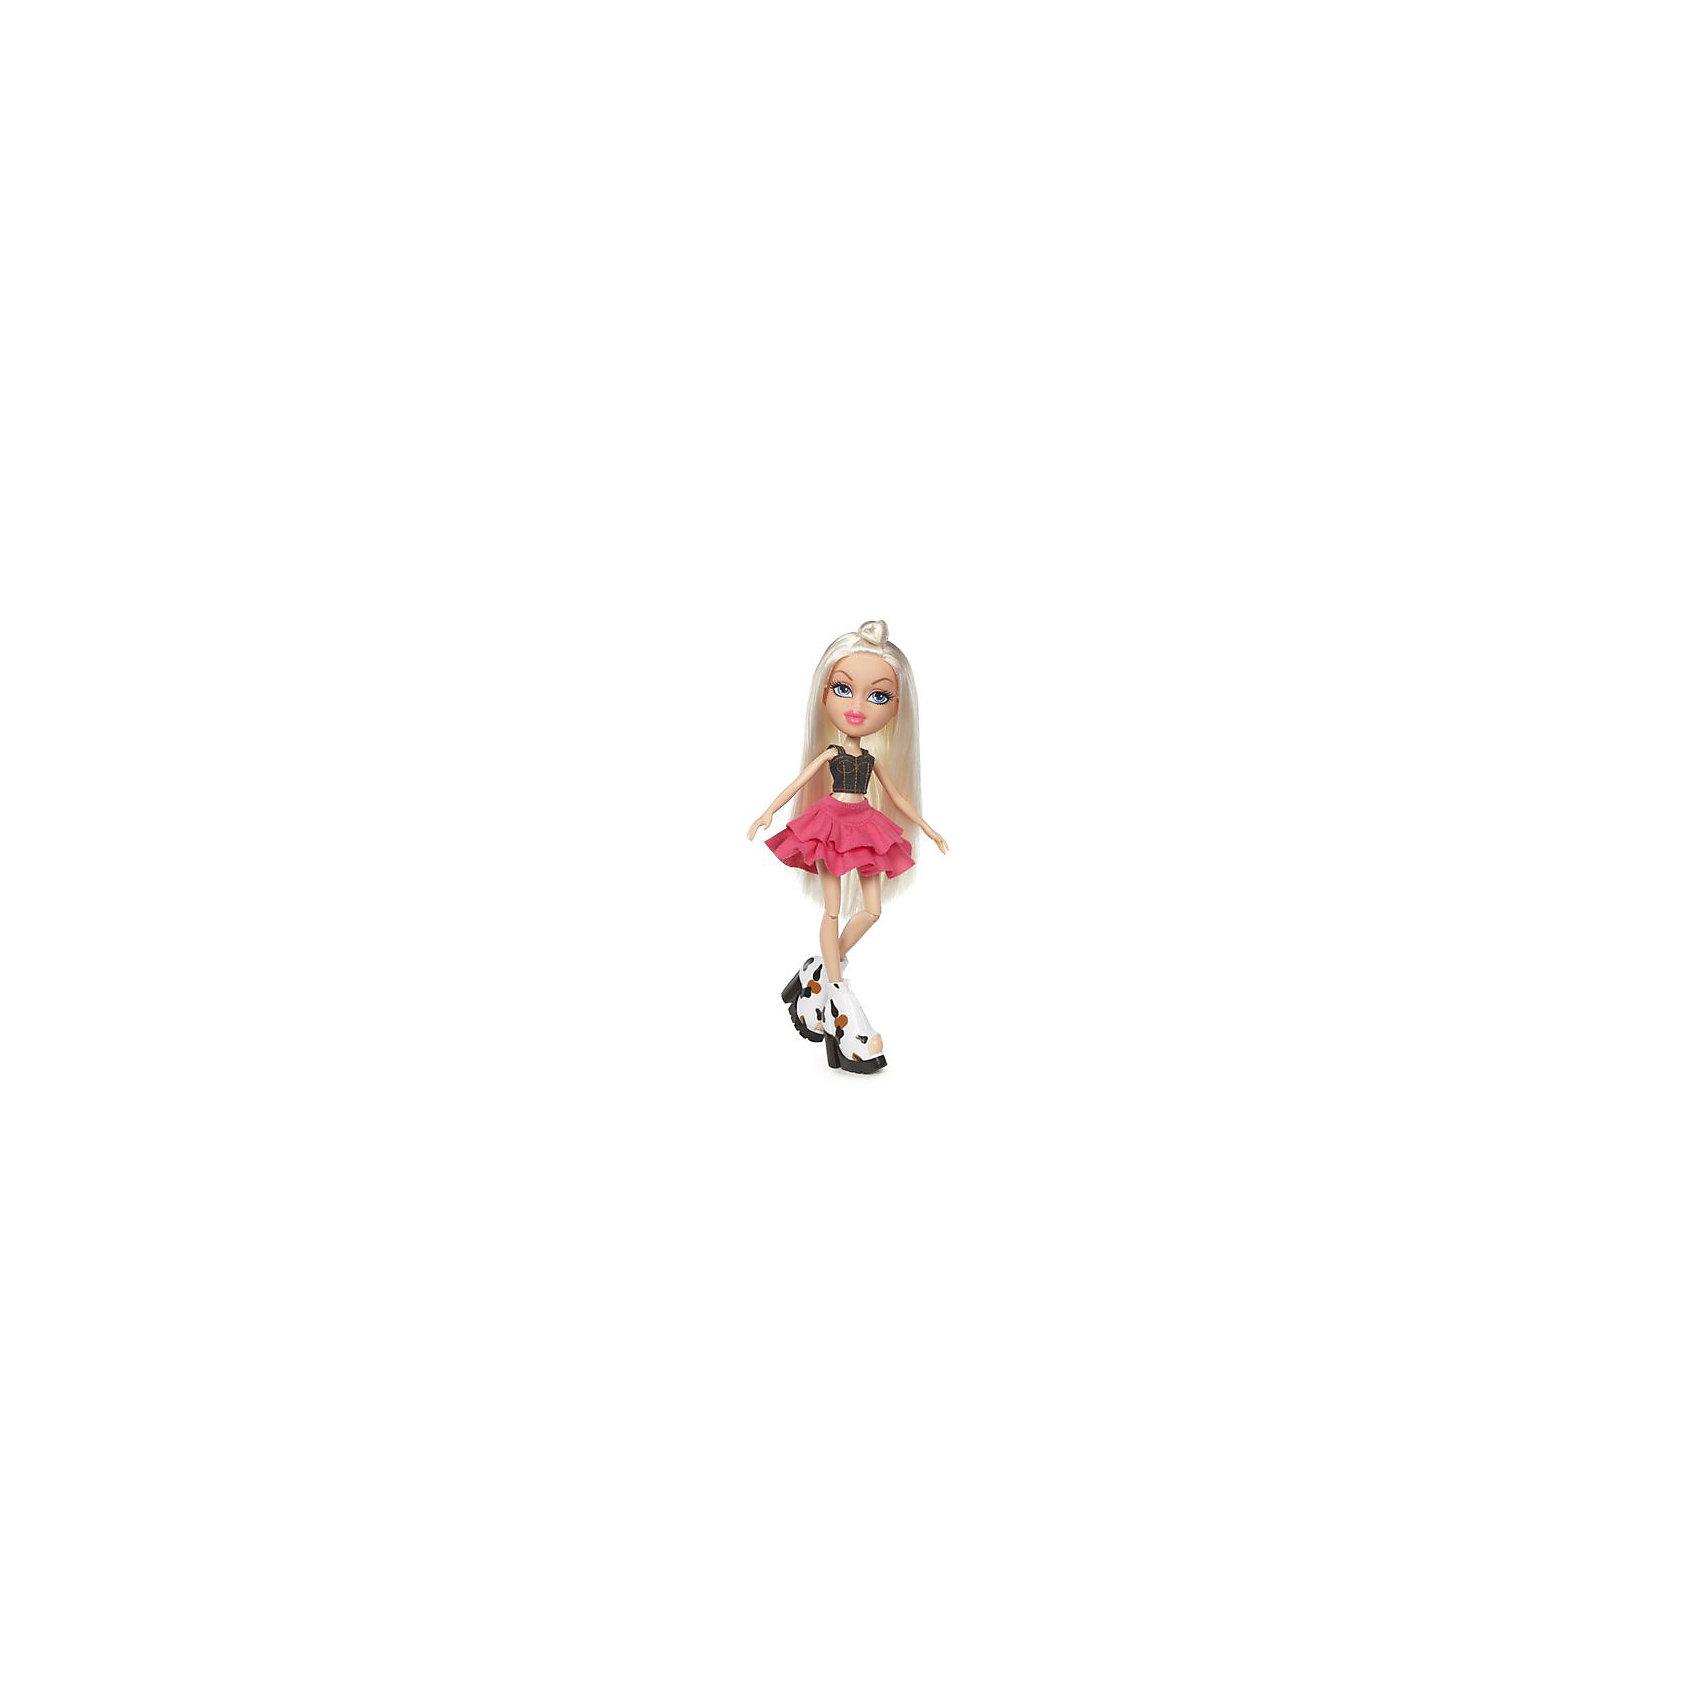 Кукла делюкс Хлоя, Давай знакомиться, BratzКуклы-модели<br>Характеристики товара:<br><br>- цвет: разноцветный;<br>- материал: пластик, текстиль;<br>- особенности: руки и ноги сгибаются;<br>- размер упаковки: 18х31х7 см;<br>- размер куклы: 27 см.<br><br>Такие красивые куклы не оставят ребенка равнодушным! Какая девочка откажется поиграть с куклой Bratz?! Игрушка отлично детализирована, очень качественно выполнена, поэтому она станет отличным подарком ребенку. В наборе идут одежда и аксессуары, которыми можно украсить куклу!<br>Изделие произведено из высококачественного материала, безопасного для детей.<br><br>Куклу делюкс Хлоя, Давай знакомиться, от бренда Bratz можно купить в нашем интернет-магазине.<br><br>Ширина мм: 180<br>Глубина мм: 310<br>Высота мм: 70<br>Вес г: 400<br>Возраст от месяцев: 48<br>Возраст до месяцев: 2147483647<br>Пол: Женский<br>Возраст: Детский<br>SKU: 5040281